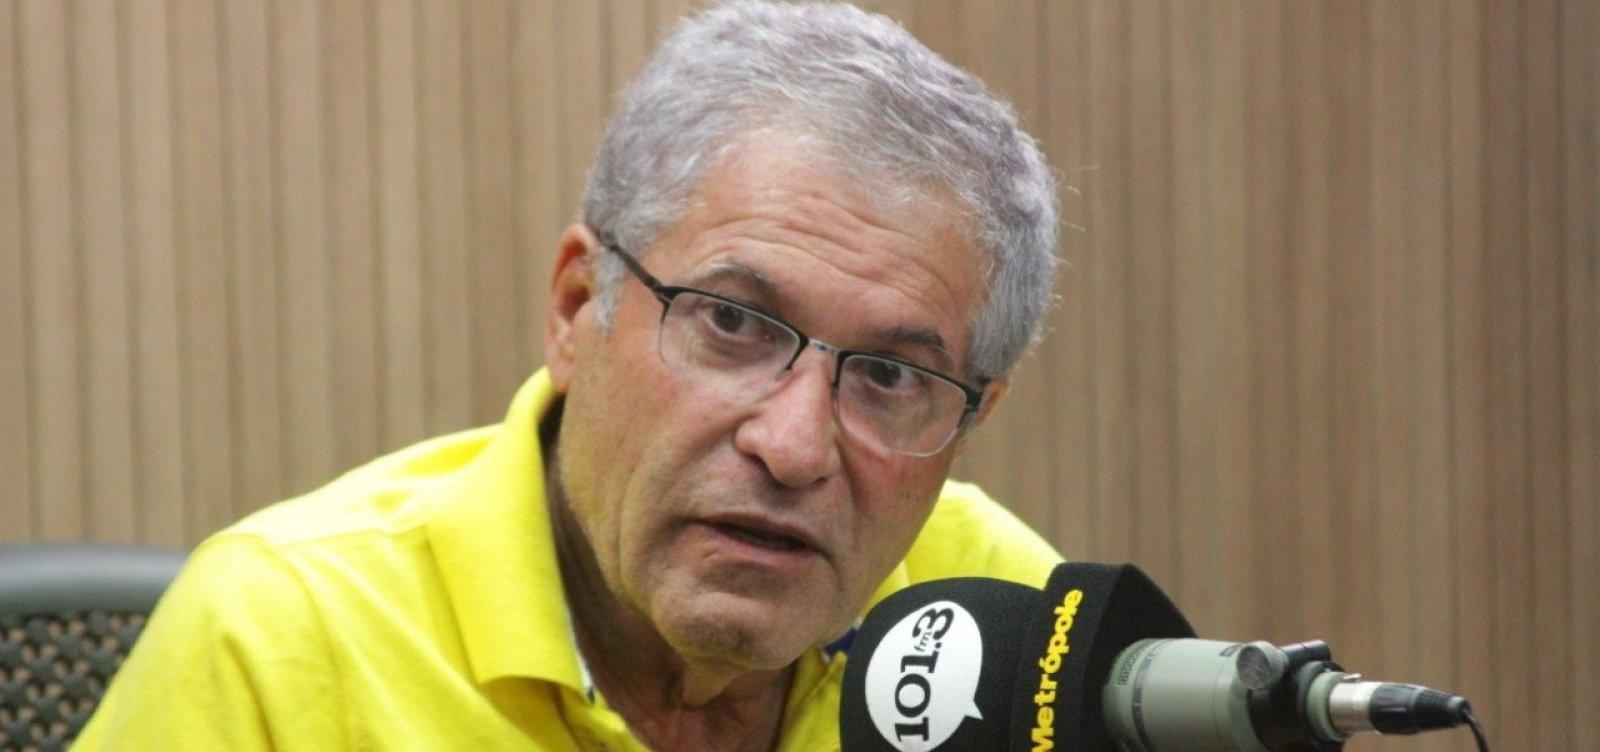 Rocha critica 'fritura' de líder do governo na Câmara